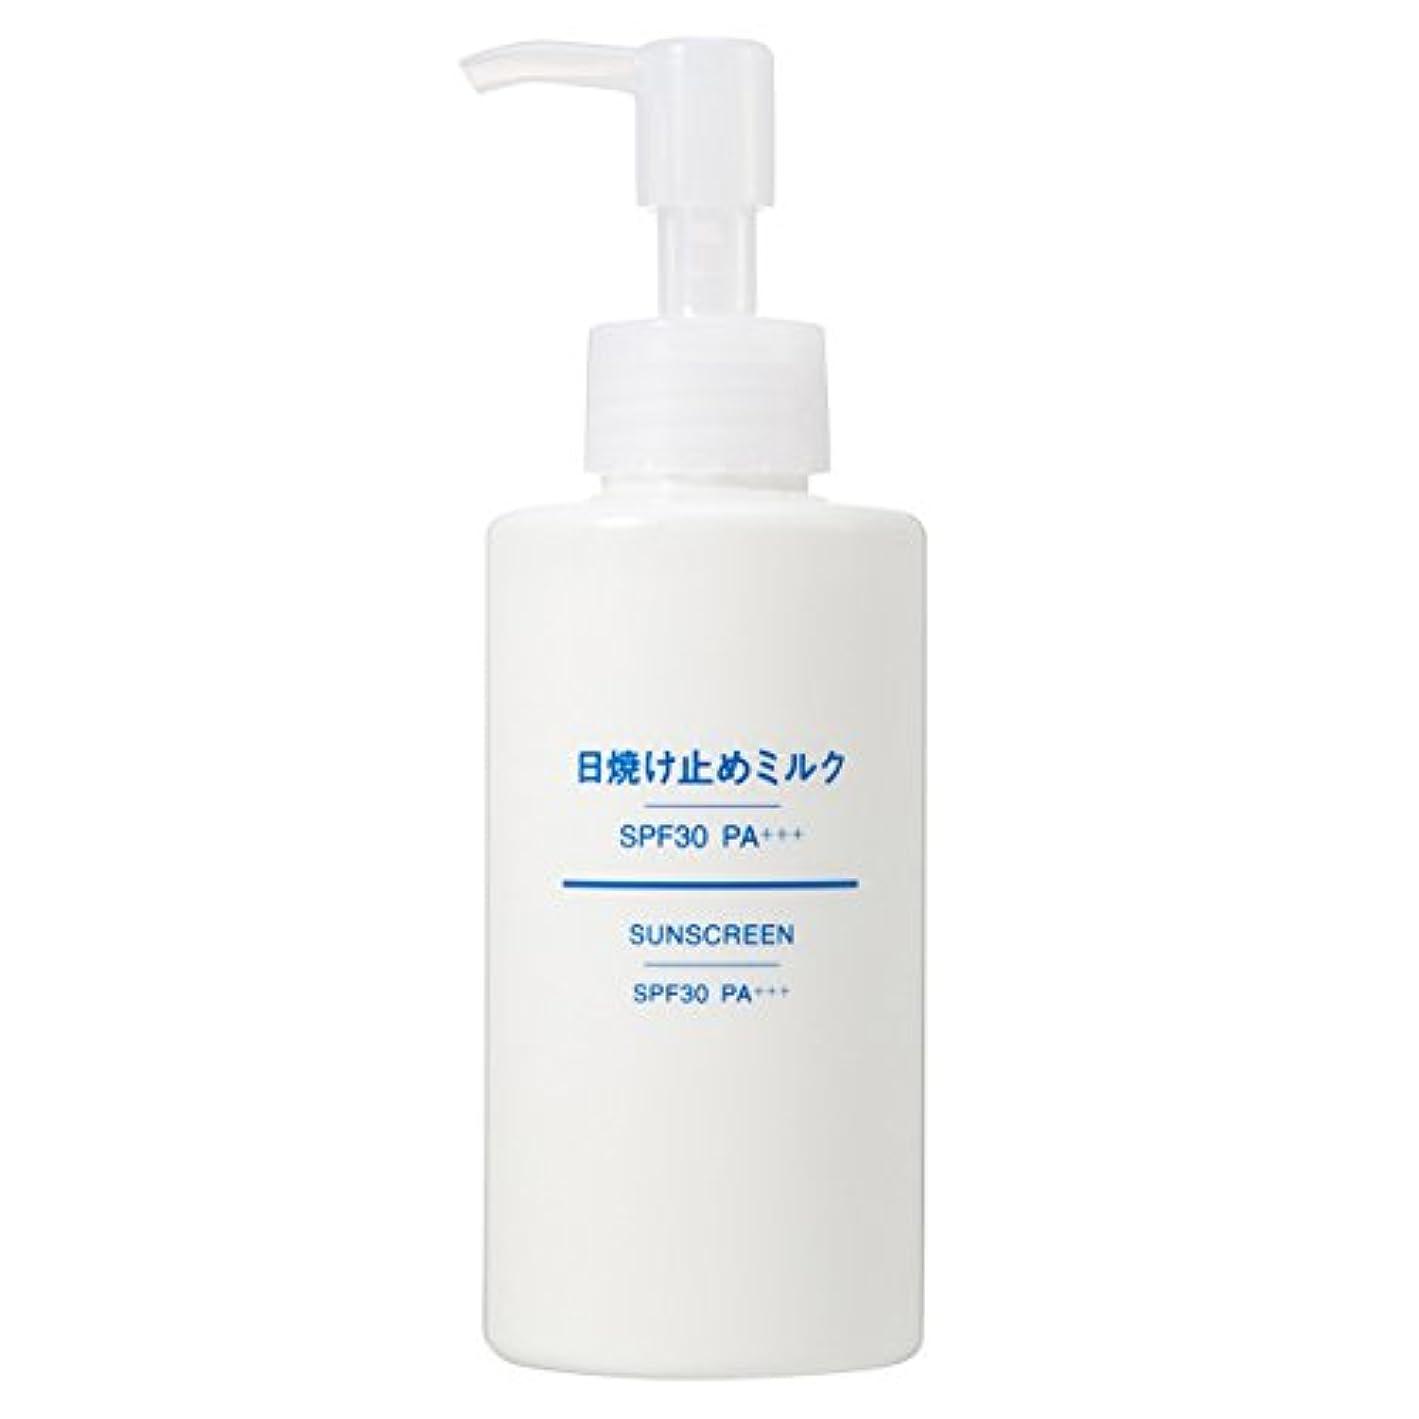 治療成功した軽減する無印良品 日焼け止めミルク SPF30 SPF30?PA+++ 150g